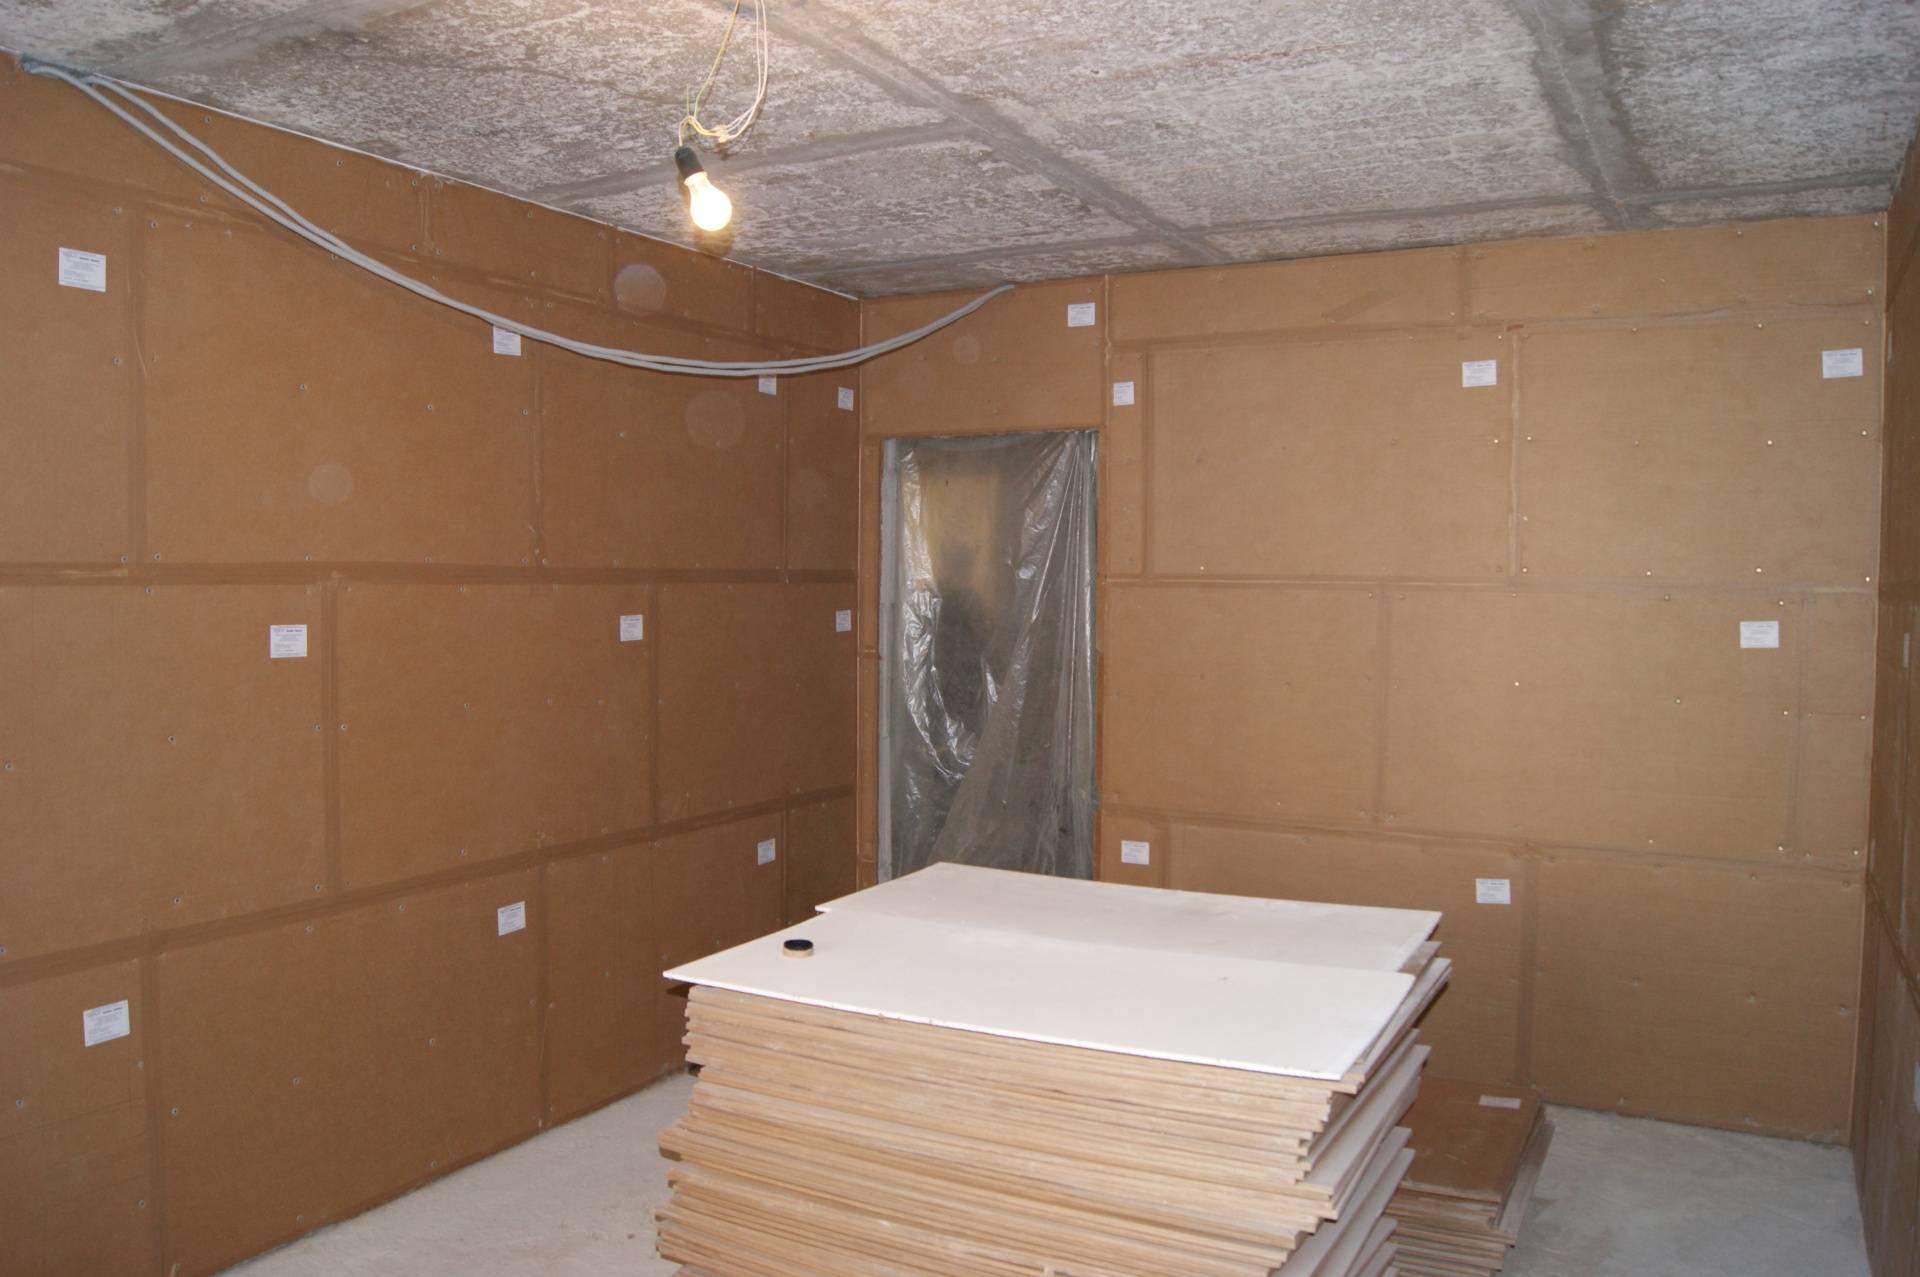 Шумоизоляция стен в квартире своими руками дешево: обзор решений